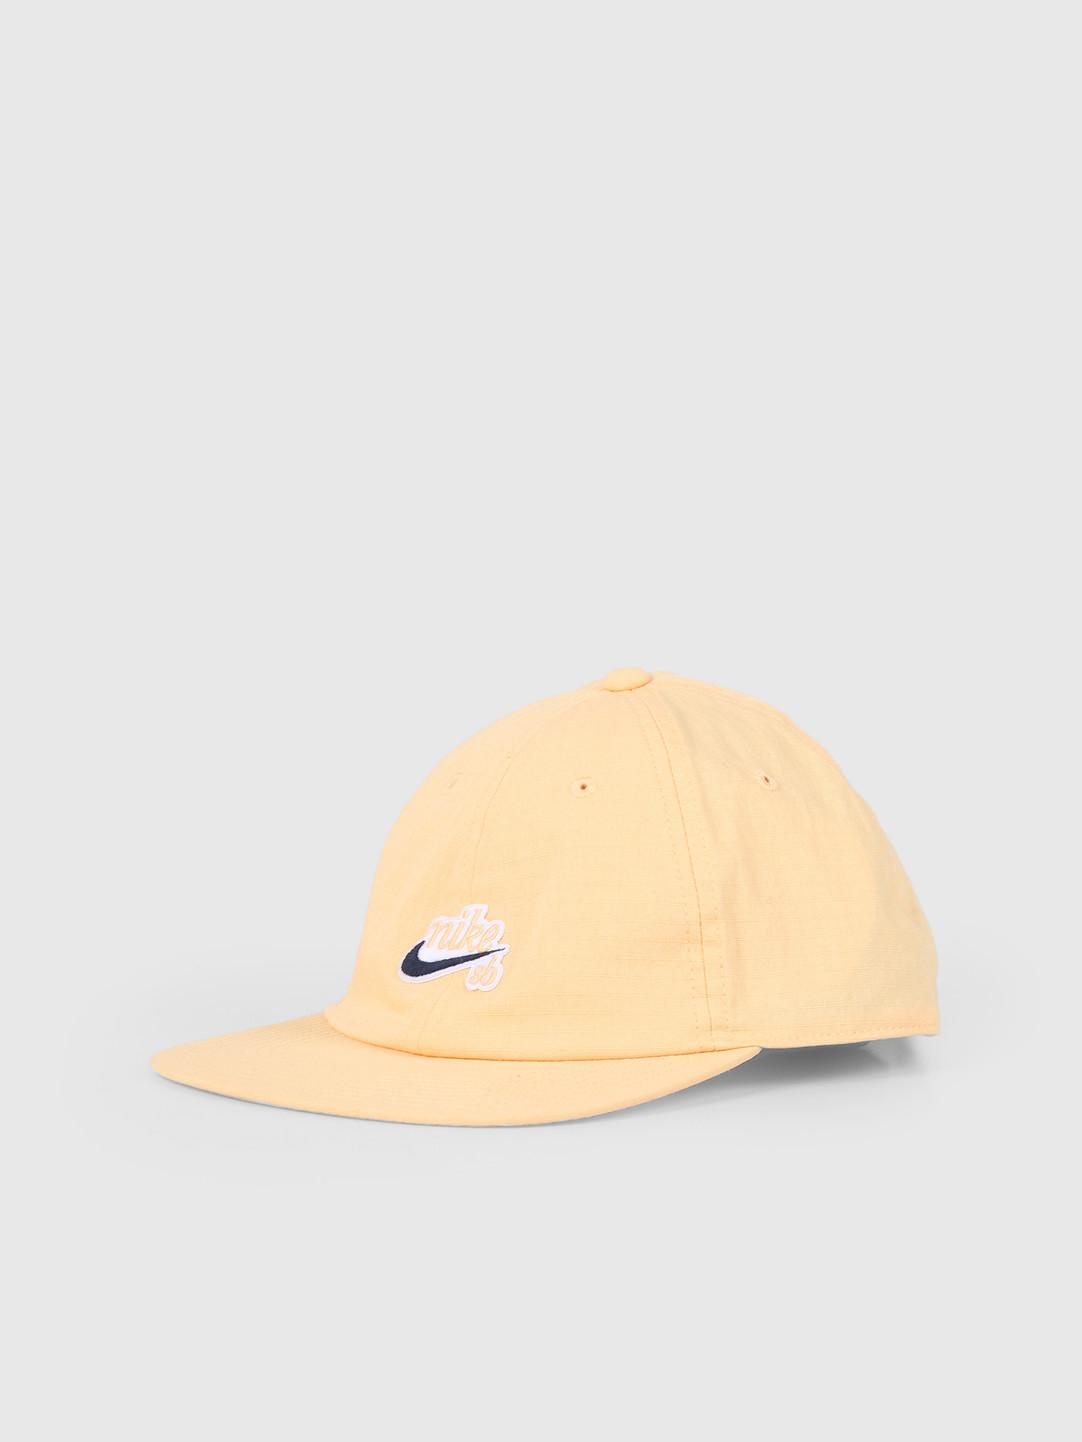 Nike Nike SB heritage 86 Celestial Gold AV7884-251